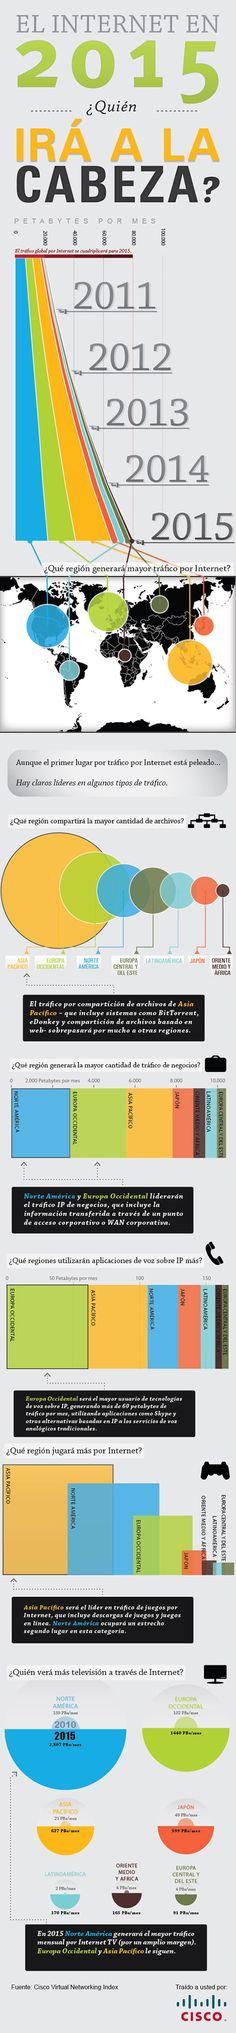 >>> Infografía: El Internet en 2015... ¿Quién irá a la cabeza?